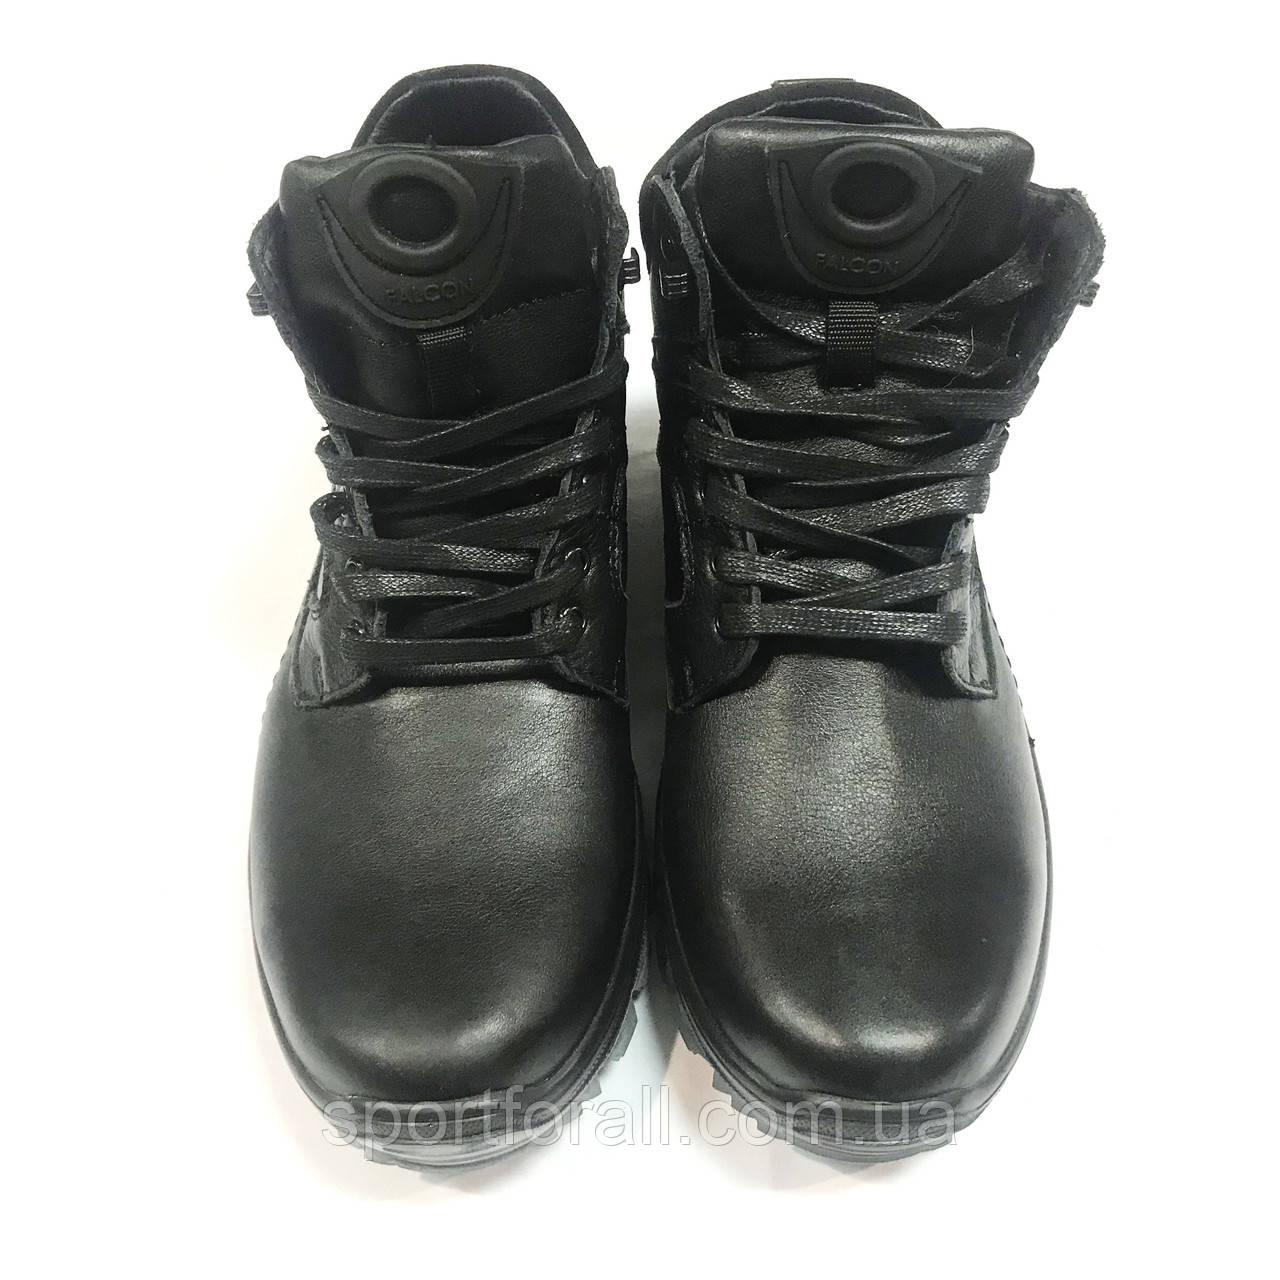 Мужские кожаные зимние ботинки  Falkon р.40,43,44,45